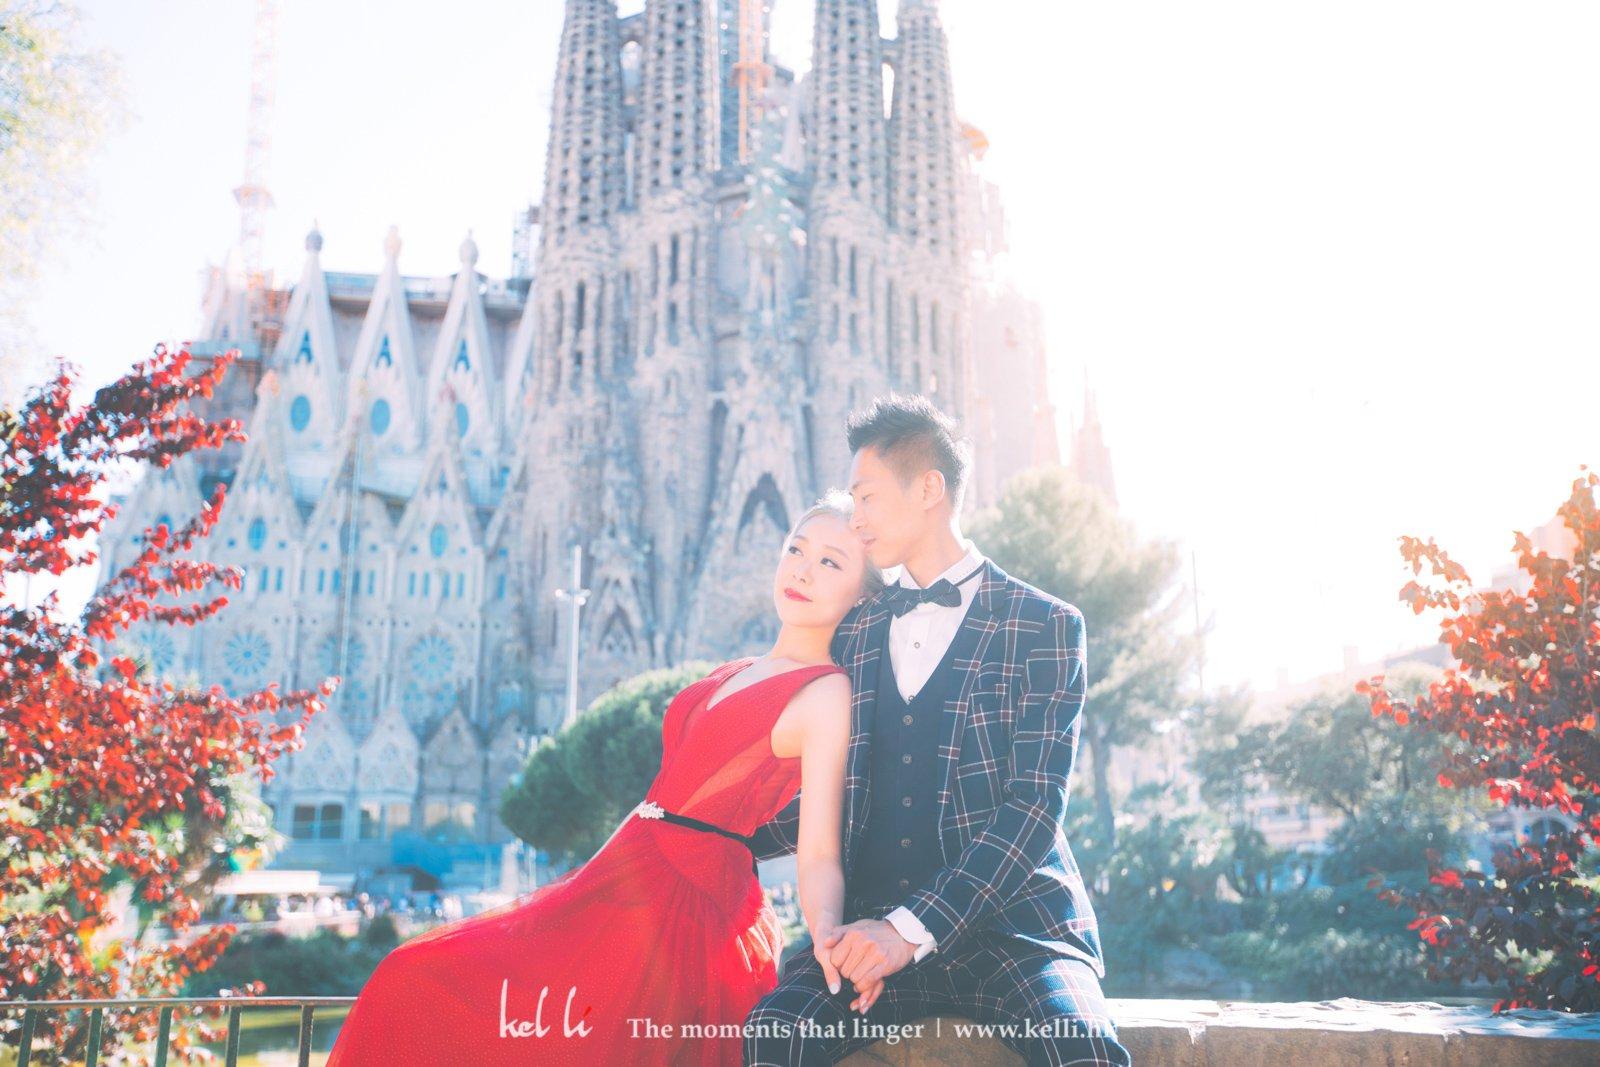 聖家堂(La Sagrada Familia)絕對也是巴塞隆拿地標,加上斜陽,是溫暖,是浪漫